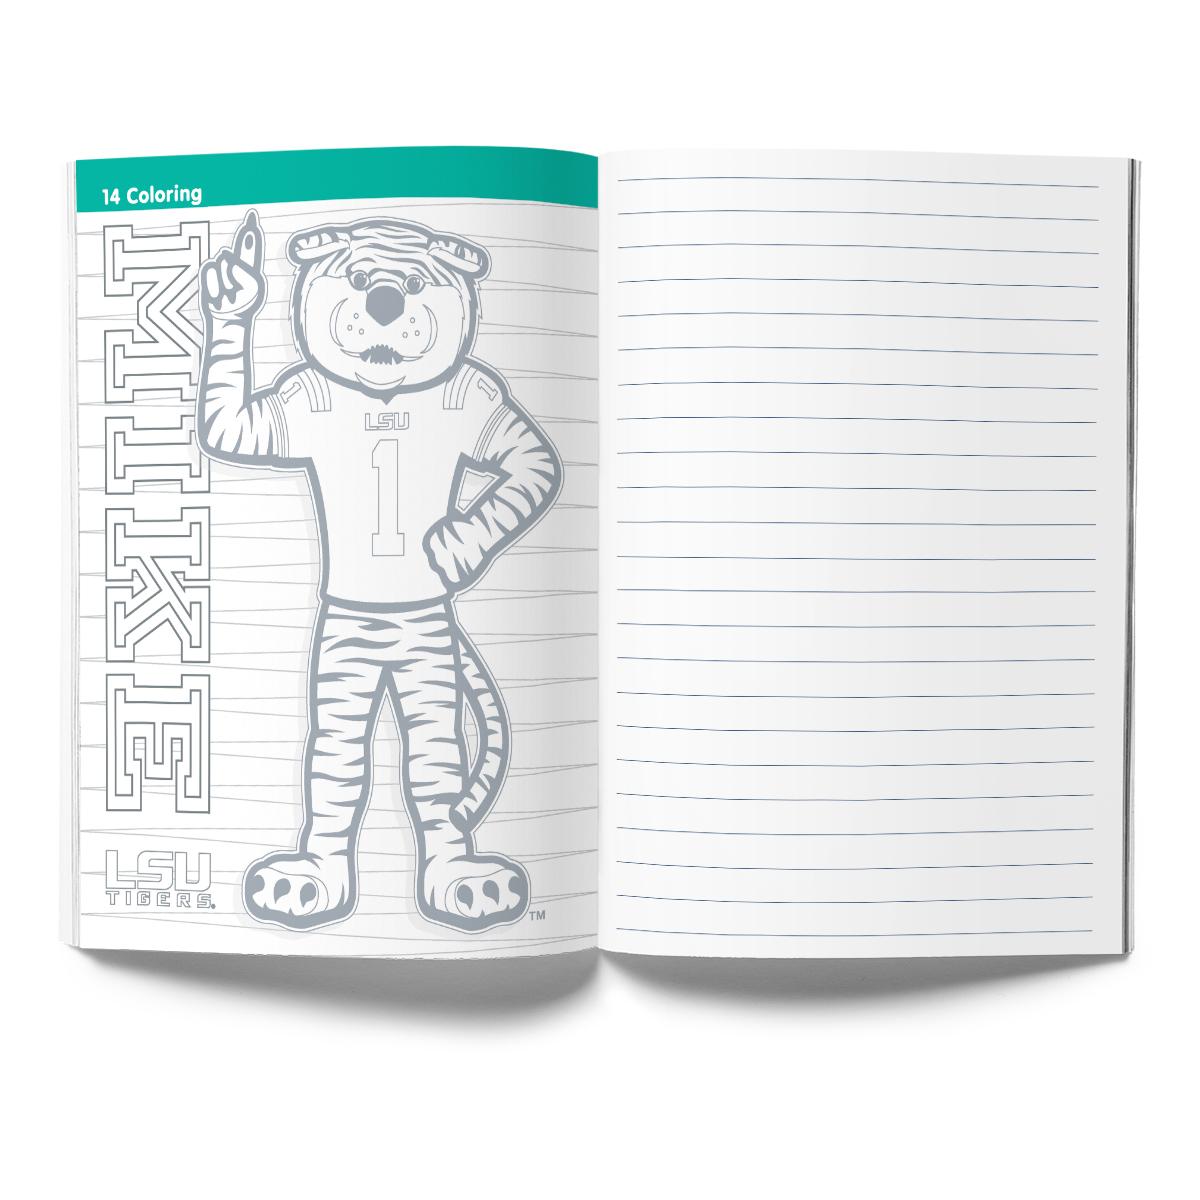 LSU Tigers Activity Book